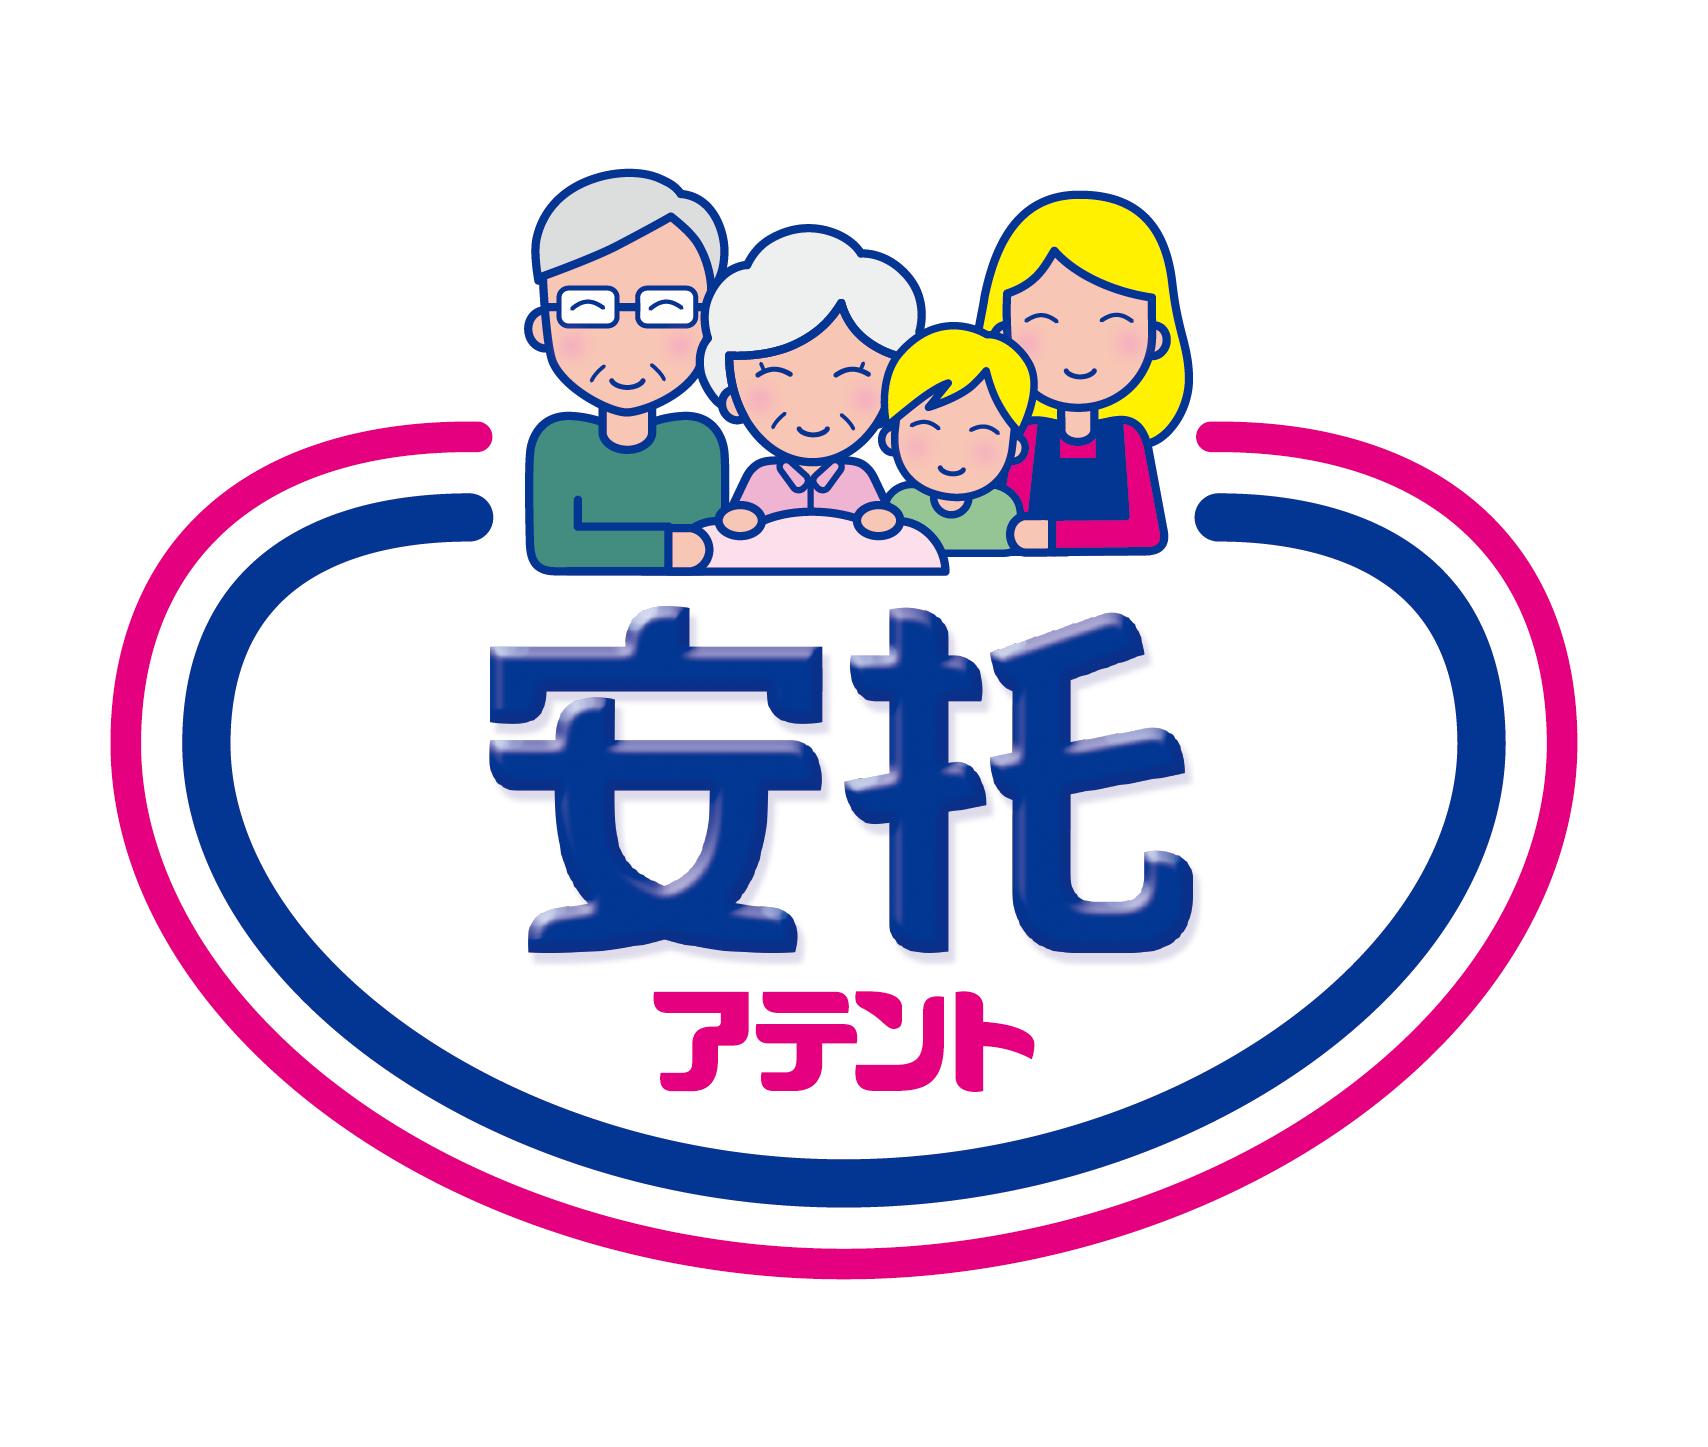 大王(南通)生活用品有限公司-2018中国国际福祉博览会暨中国国际康复博览会